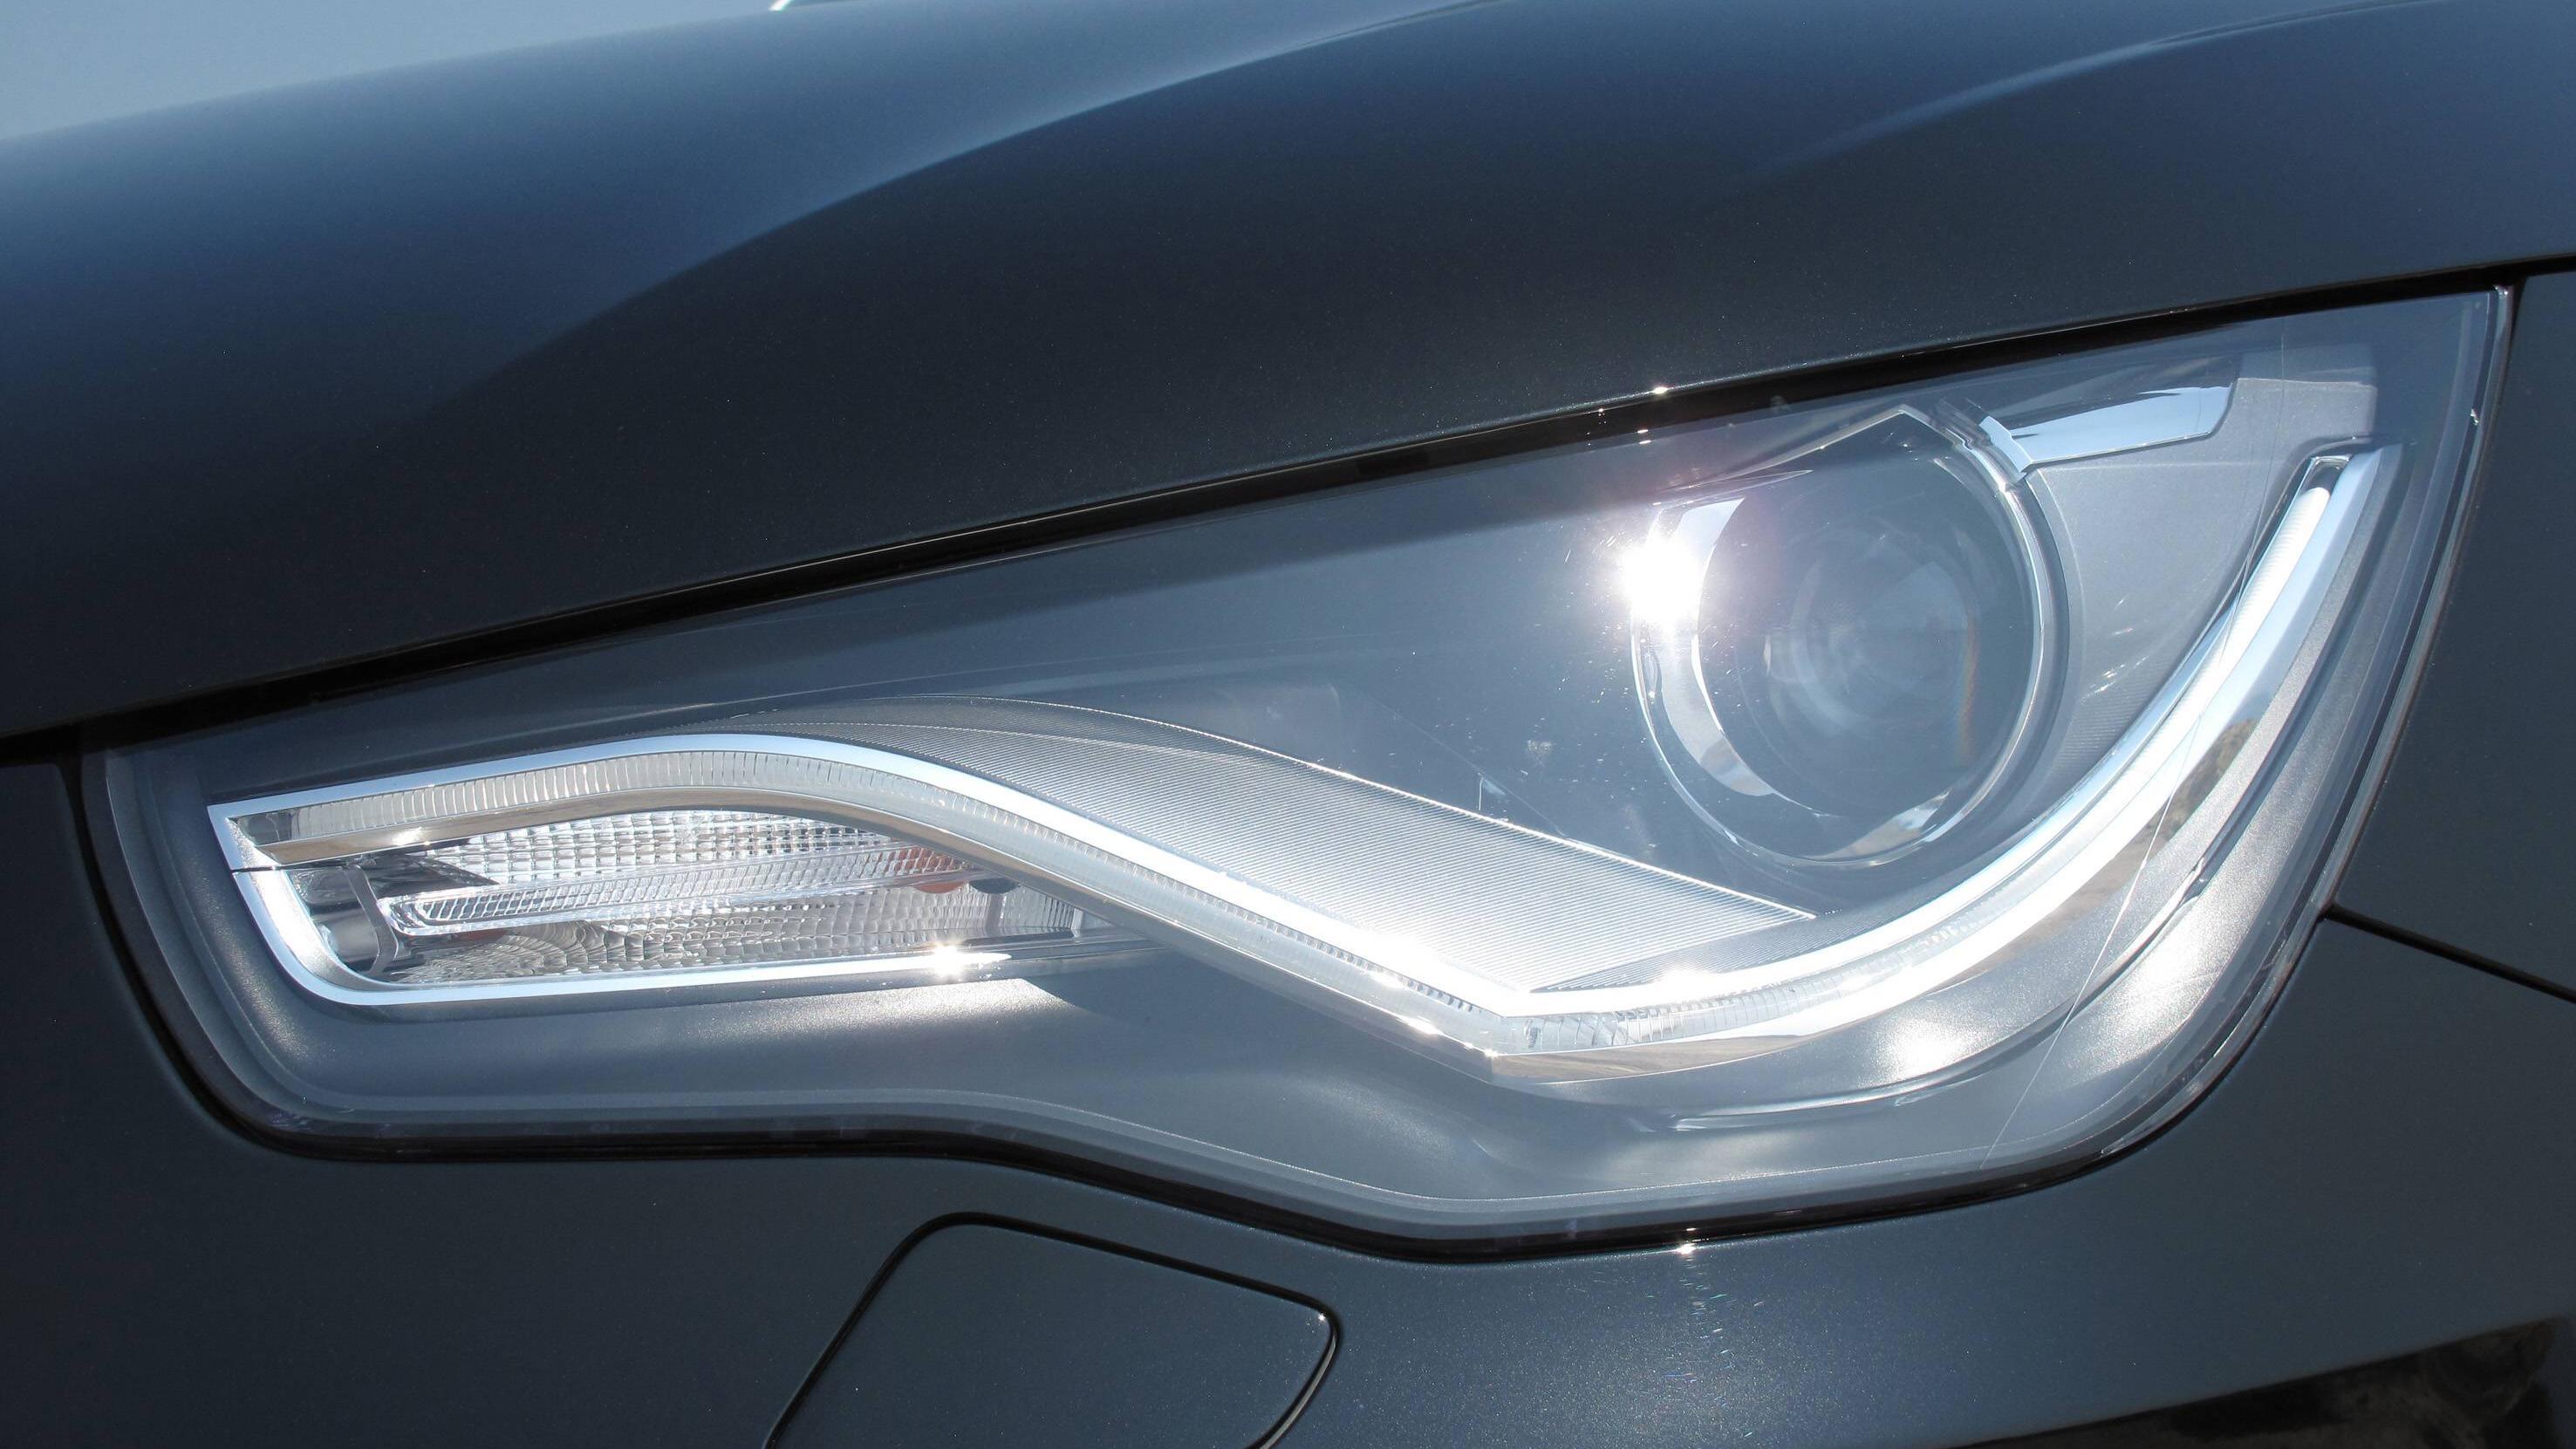 LED-Scheinwerfer nachrüsten: Tipps und worauf Sie achten sollten